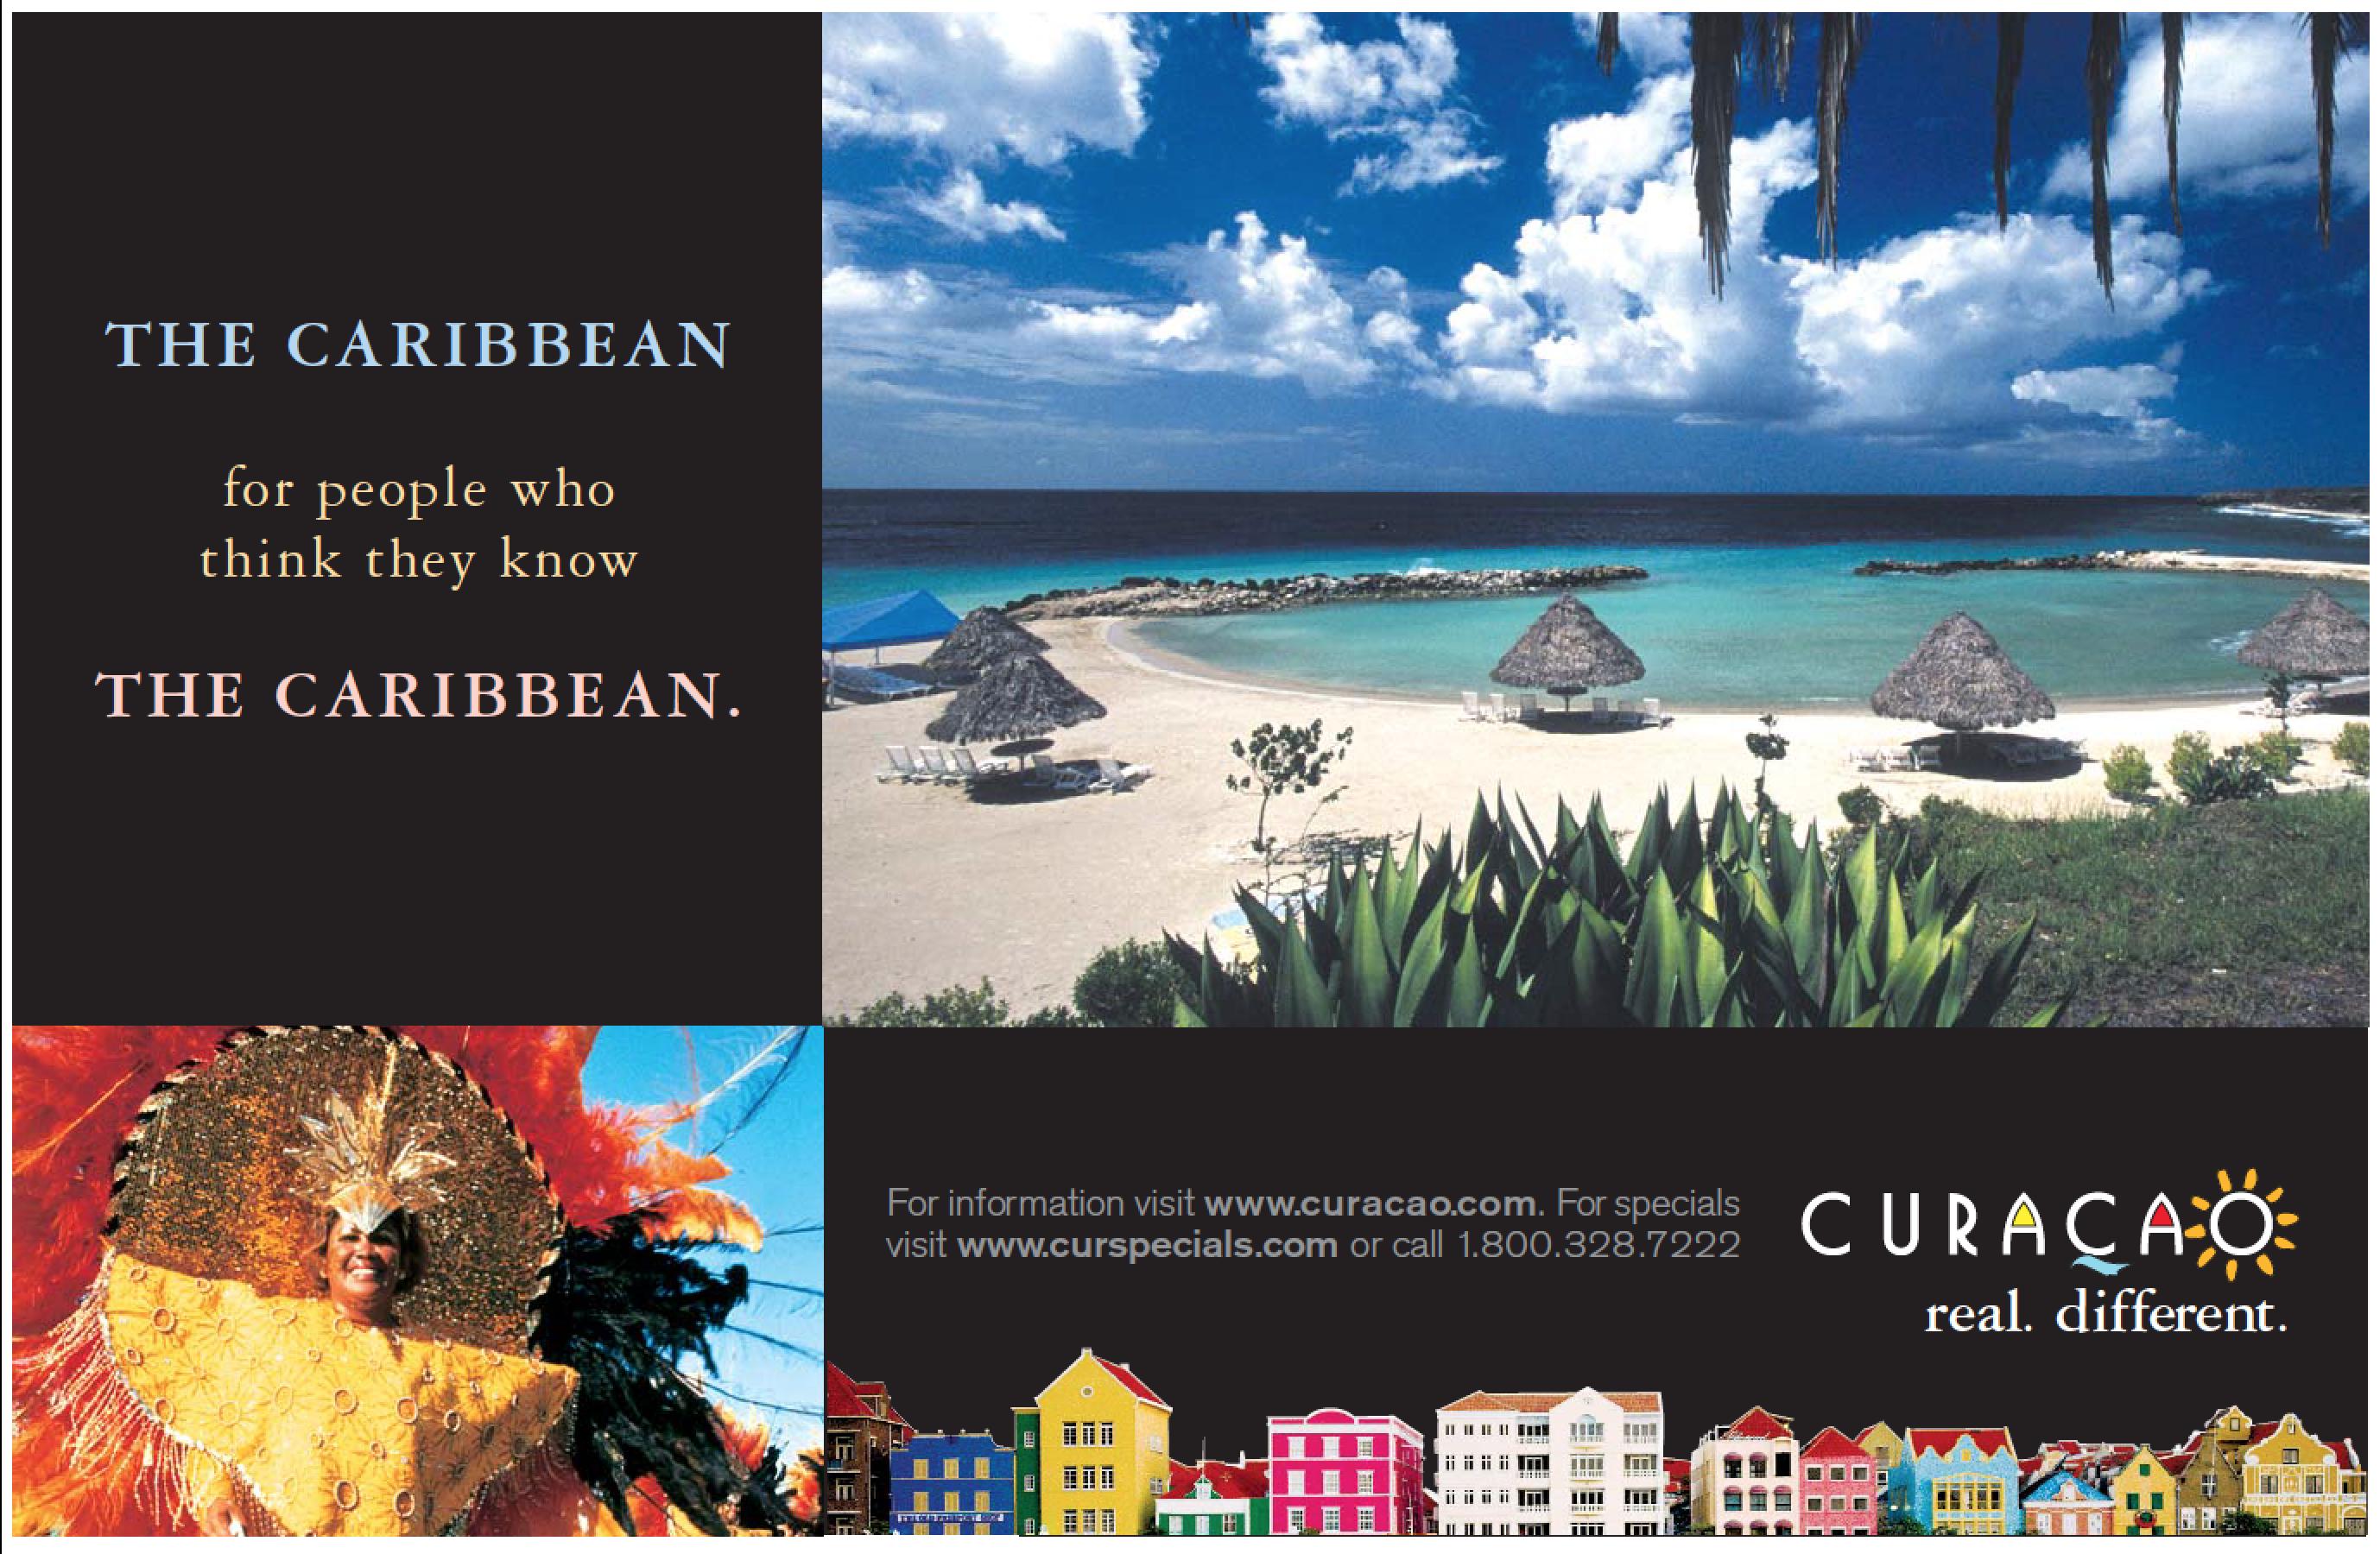 Curacao_Caribbean